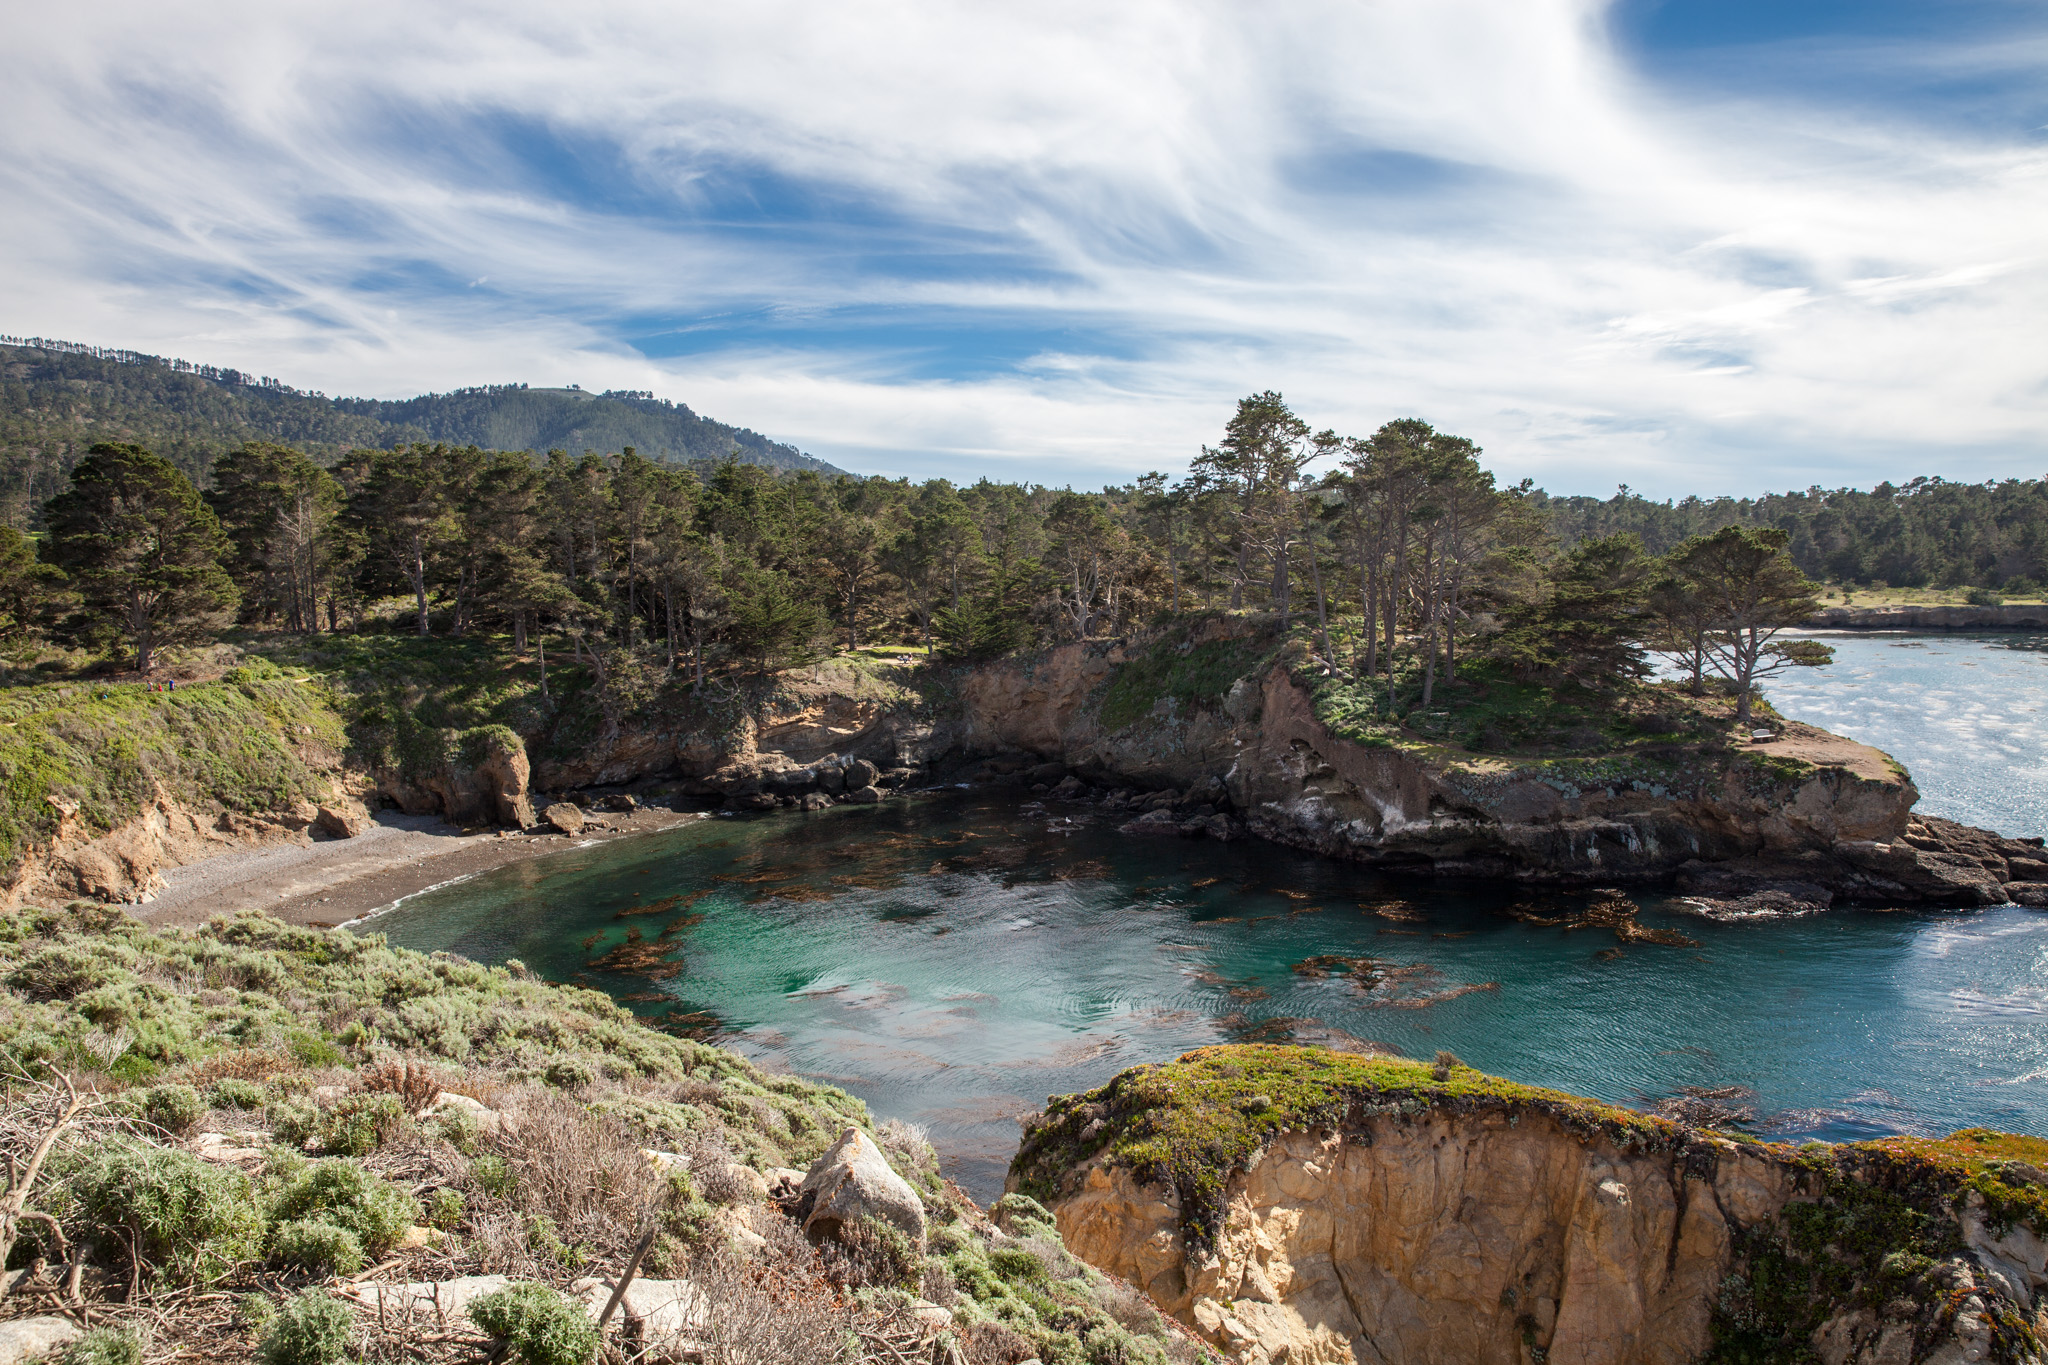 Point Lobos, by Virginia Mae Rollison